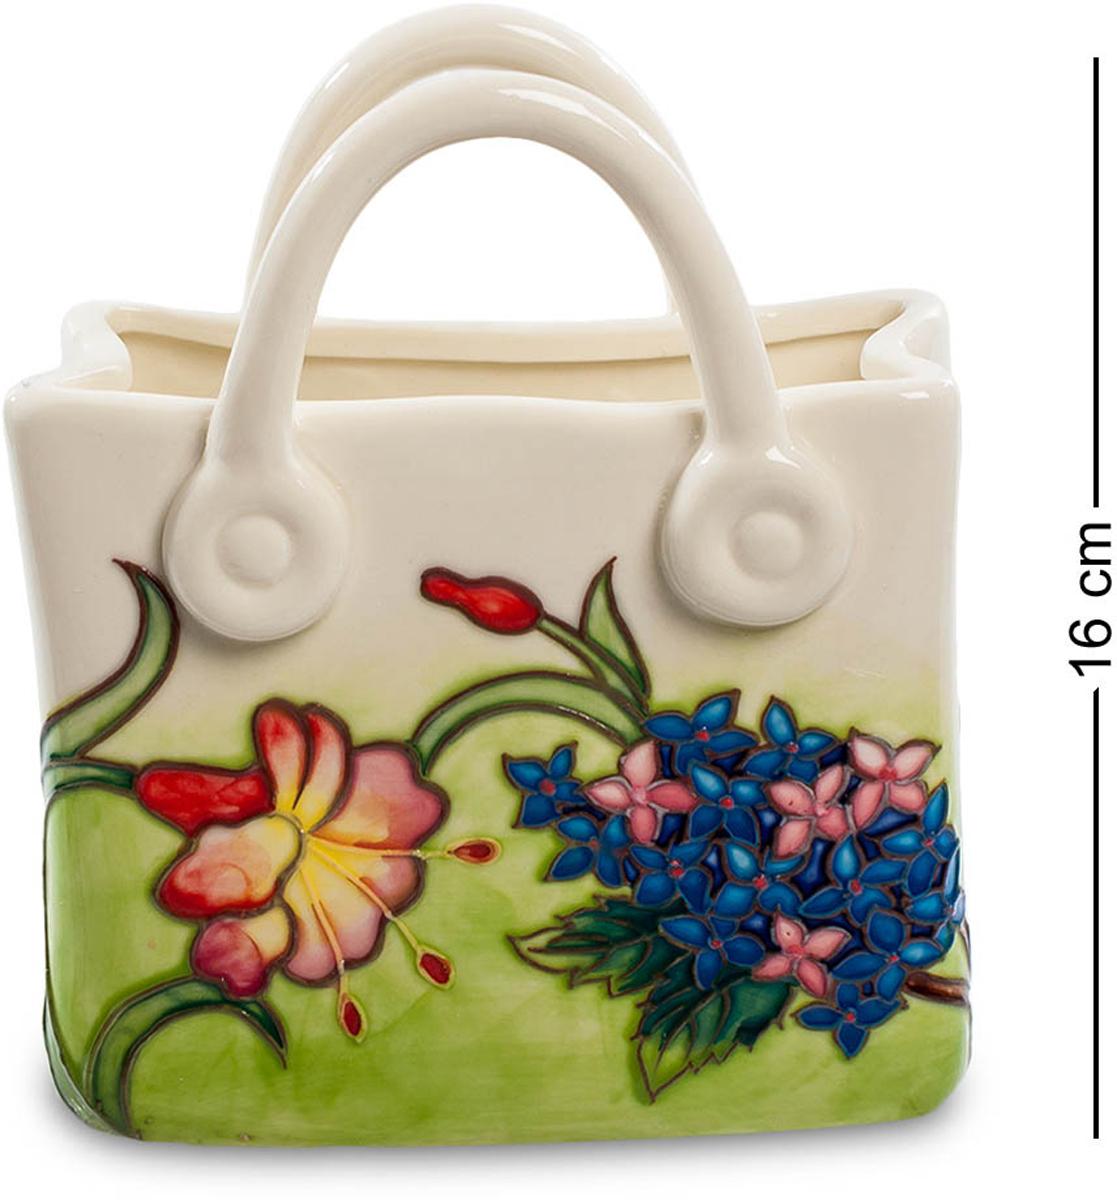 Ваза-кашпо Pavone Сумочка. JP-800/28JP-800/28Ваза-кашпо Сумочка (Pavone) Ну почему бы не подарить сумочку, полную цветов! Корзины же с цветами дарят. Вот эта сумочка – не для выхода в свет, ее назначение – только цветы. Эта фарфоровая емкость представляет собой вазу для цветов, в которую можно налить воды и заполнить пространство целой охапкой цветов. Но даже если в вазу ничего не поставлено, она сама напоминает клумбу с цветами – по ее поверхности на бледно-зеленом травяном фоне расположены разнообразные цветы, мелкие и крупные, с листьями и веточками. Над ними птички порхают – настоящий летний пейзаж, о котором приятно будет подумать суровой зимой. Подарите вечное лето – что может быть лучше!